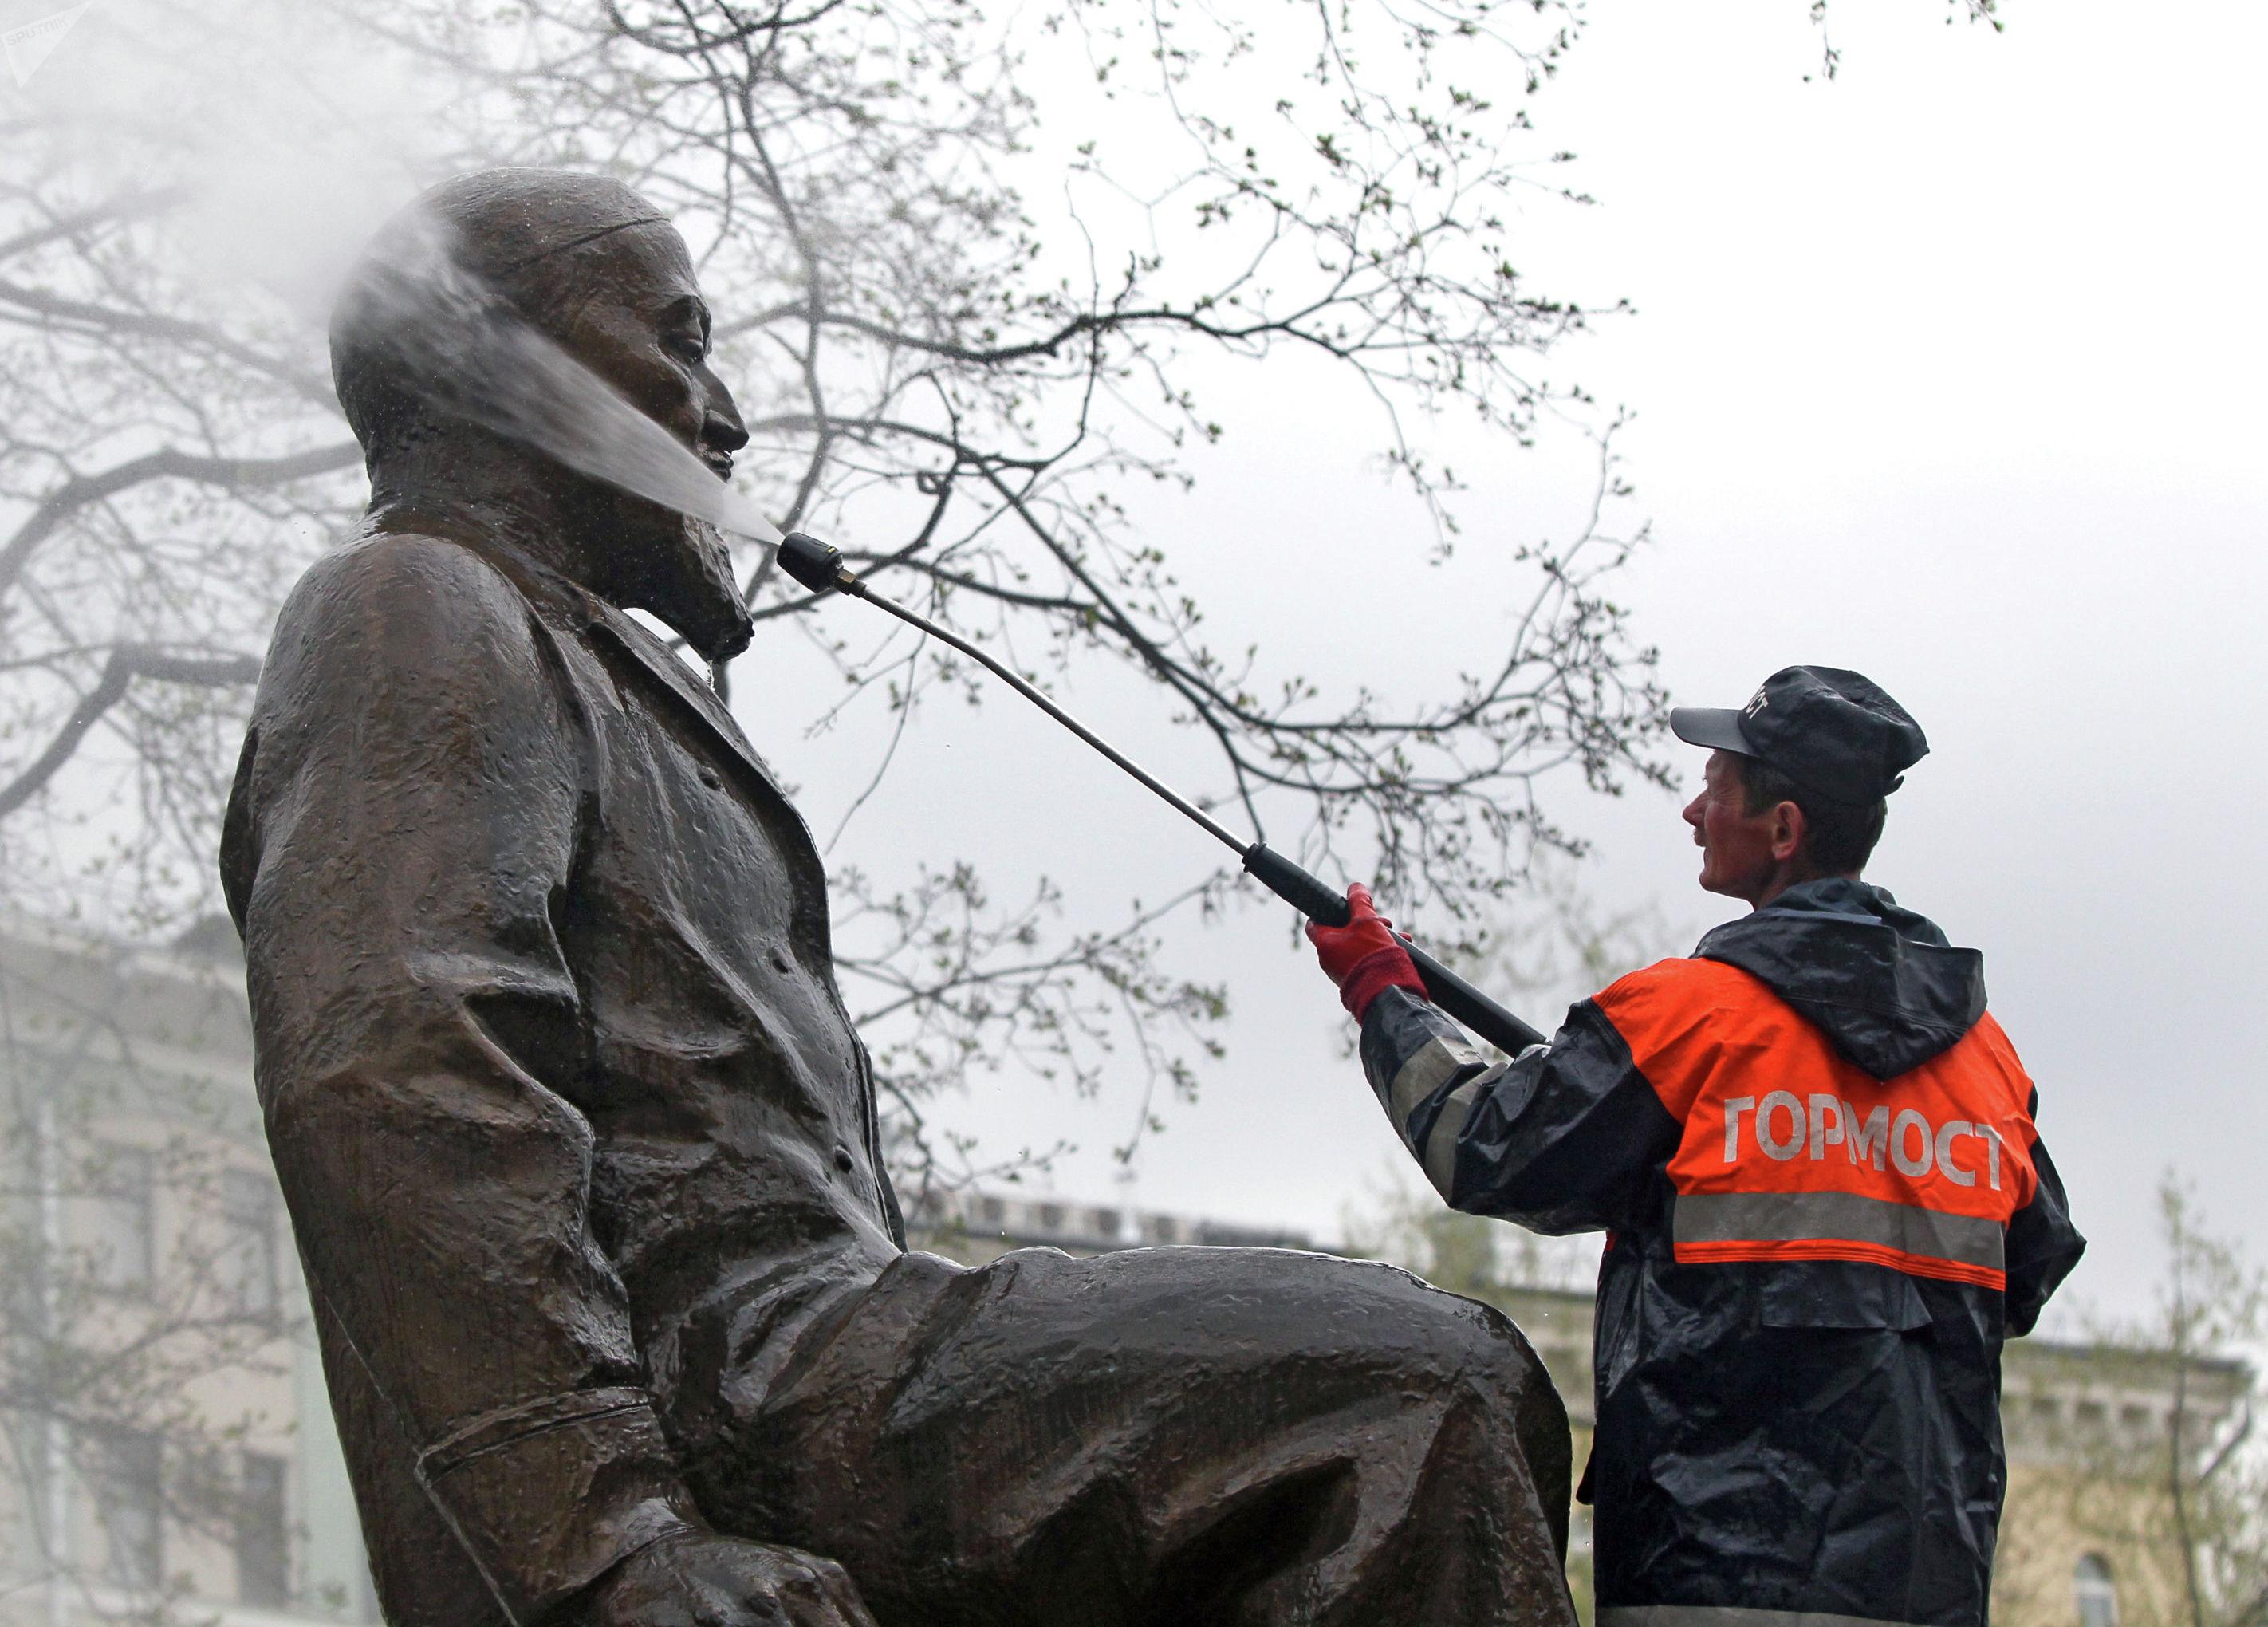 Сотрудник городской коммунальной службы моет памятник писателю Абаю Кунанбаеву на Чистопрудном бульваре в Москве